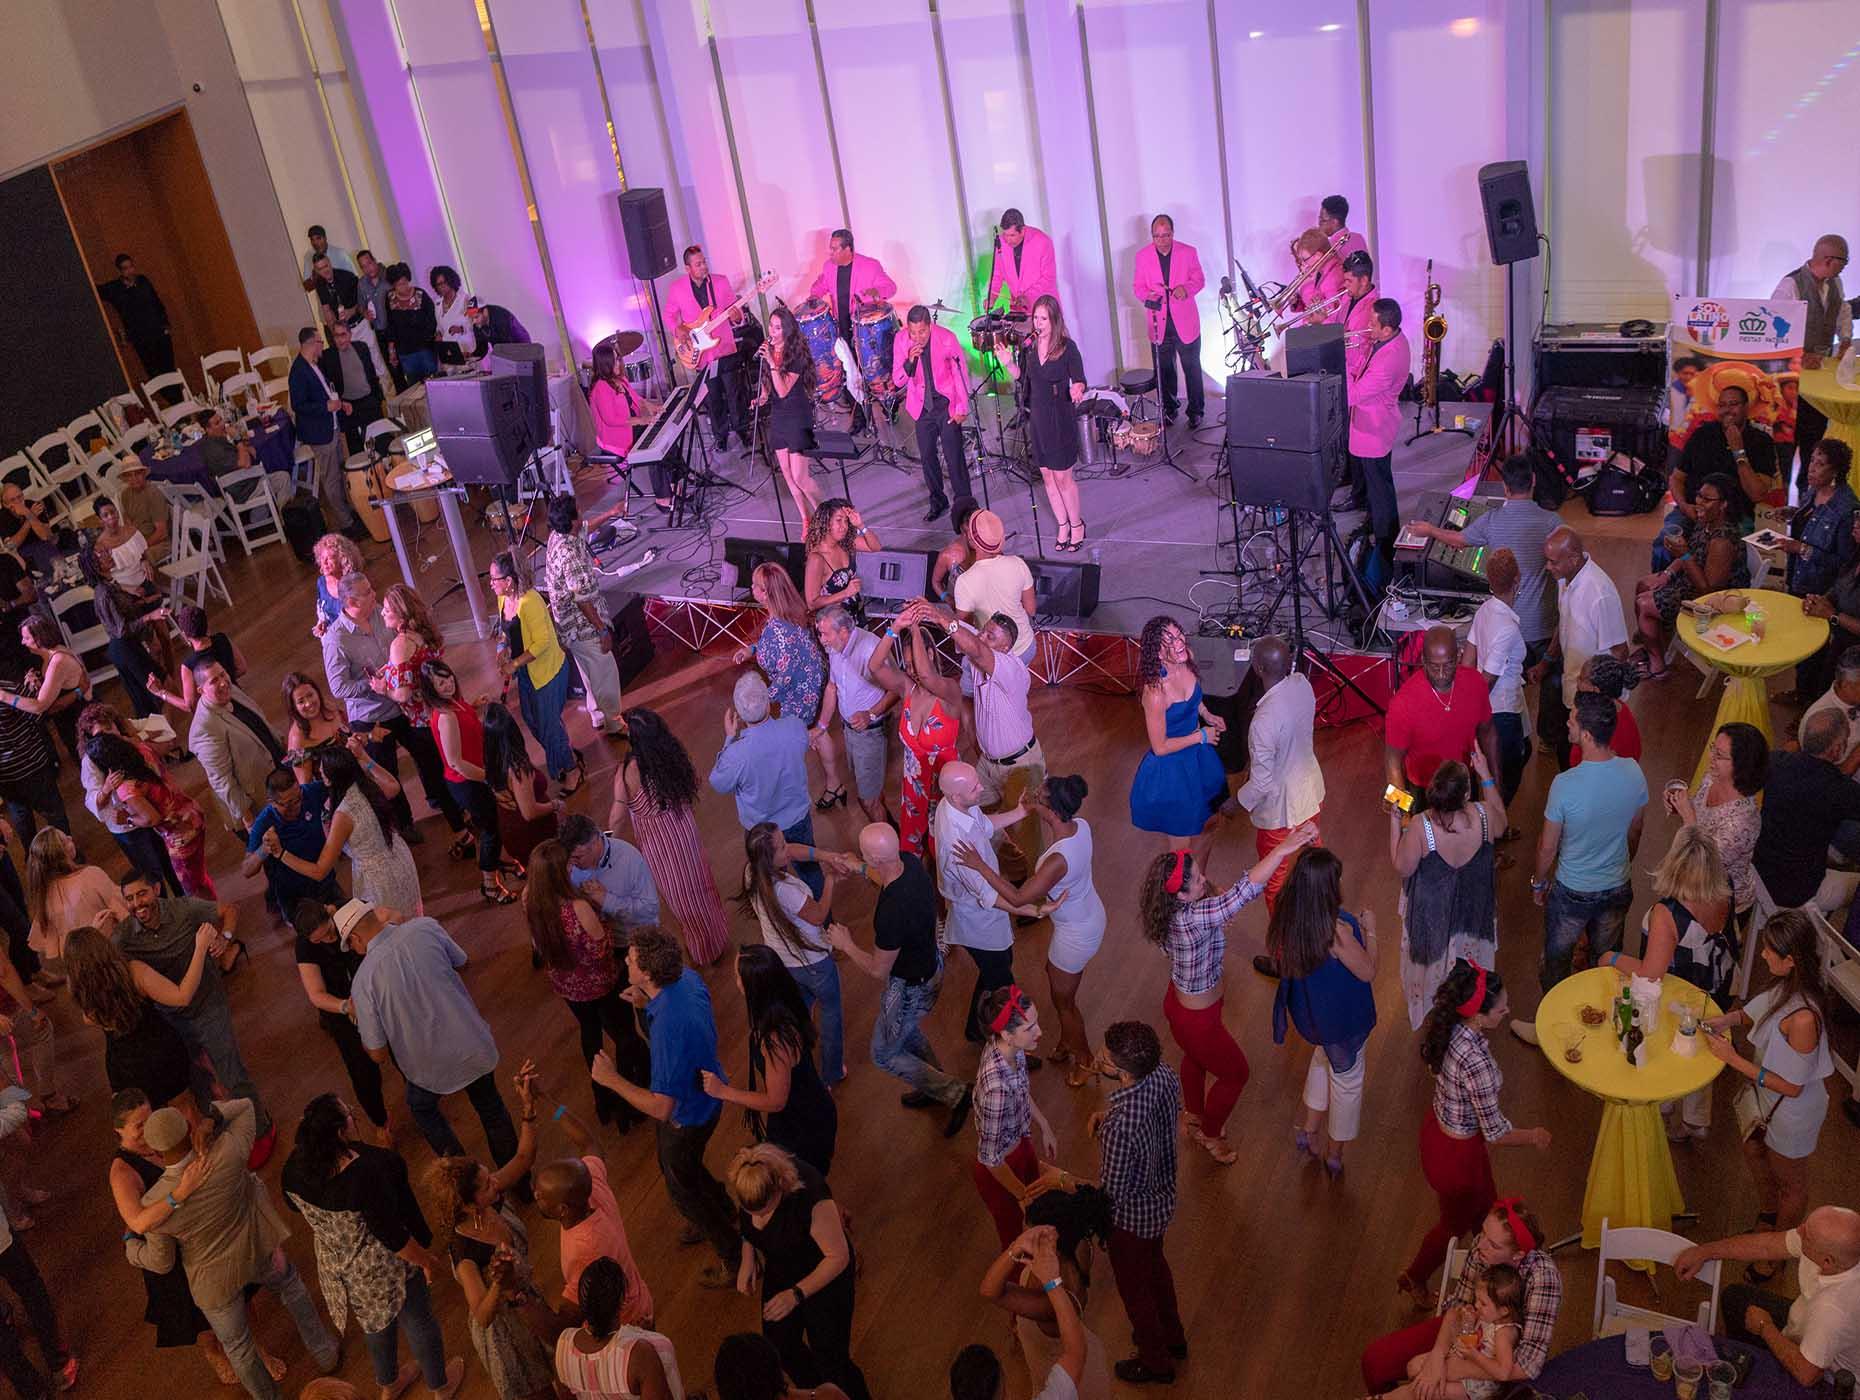 MINT TO MOVE CULTURAL DANCE NIGHT – Pride Magazine